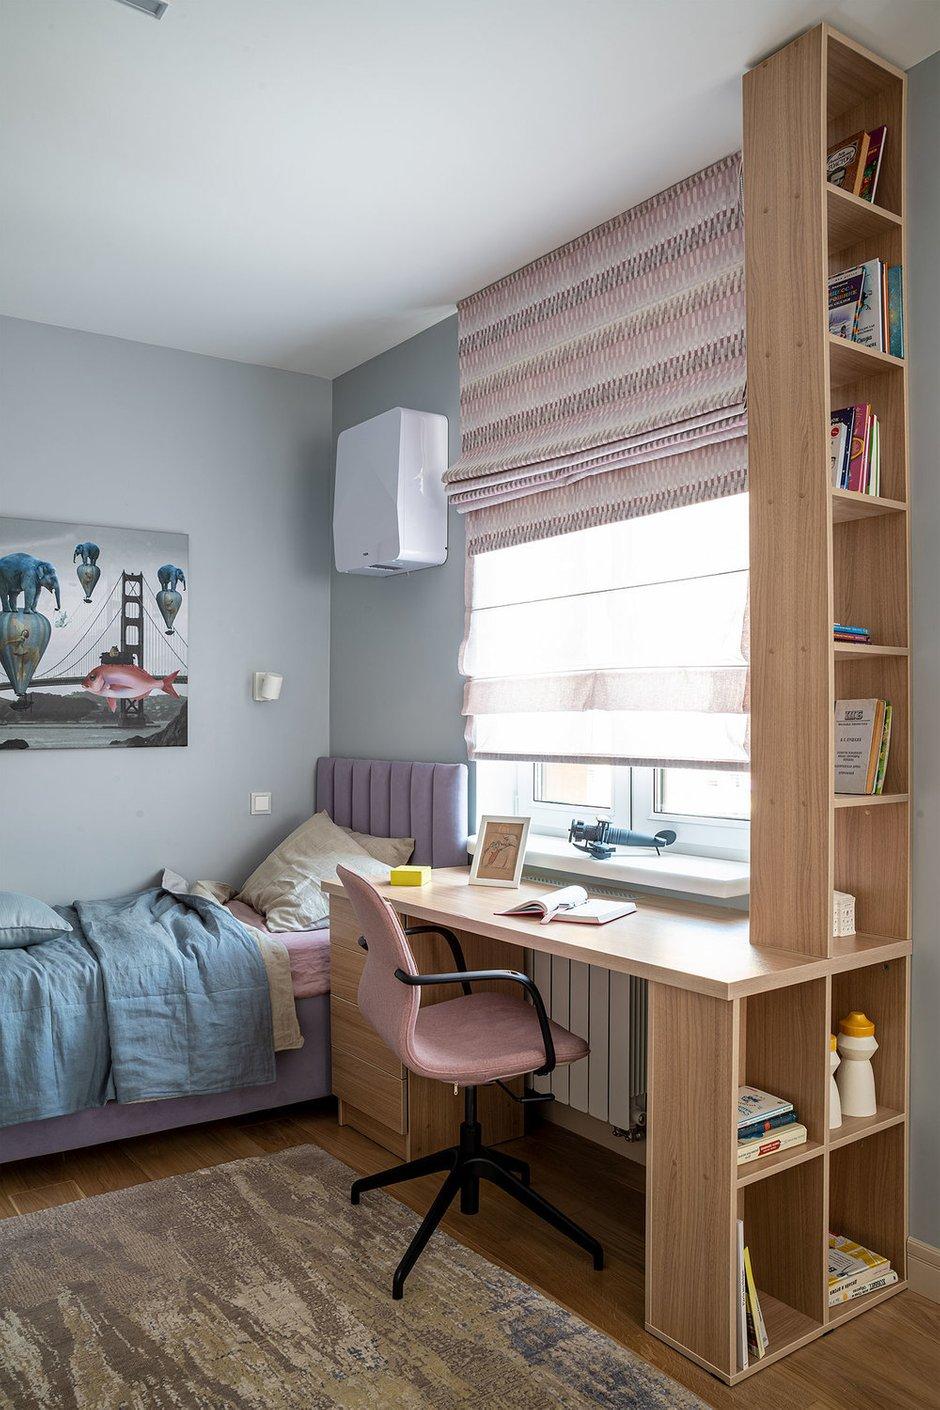 Фотография:  в стиле , Современный, Квартира, Проект недели, Одинцово, 2 комнаты, 60-90 метров, Виктория Иванова – фото на INMYROOM